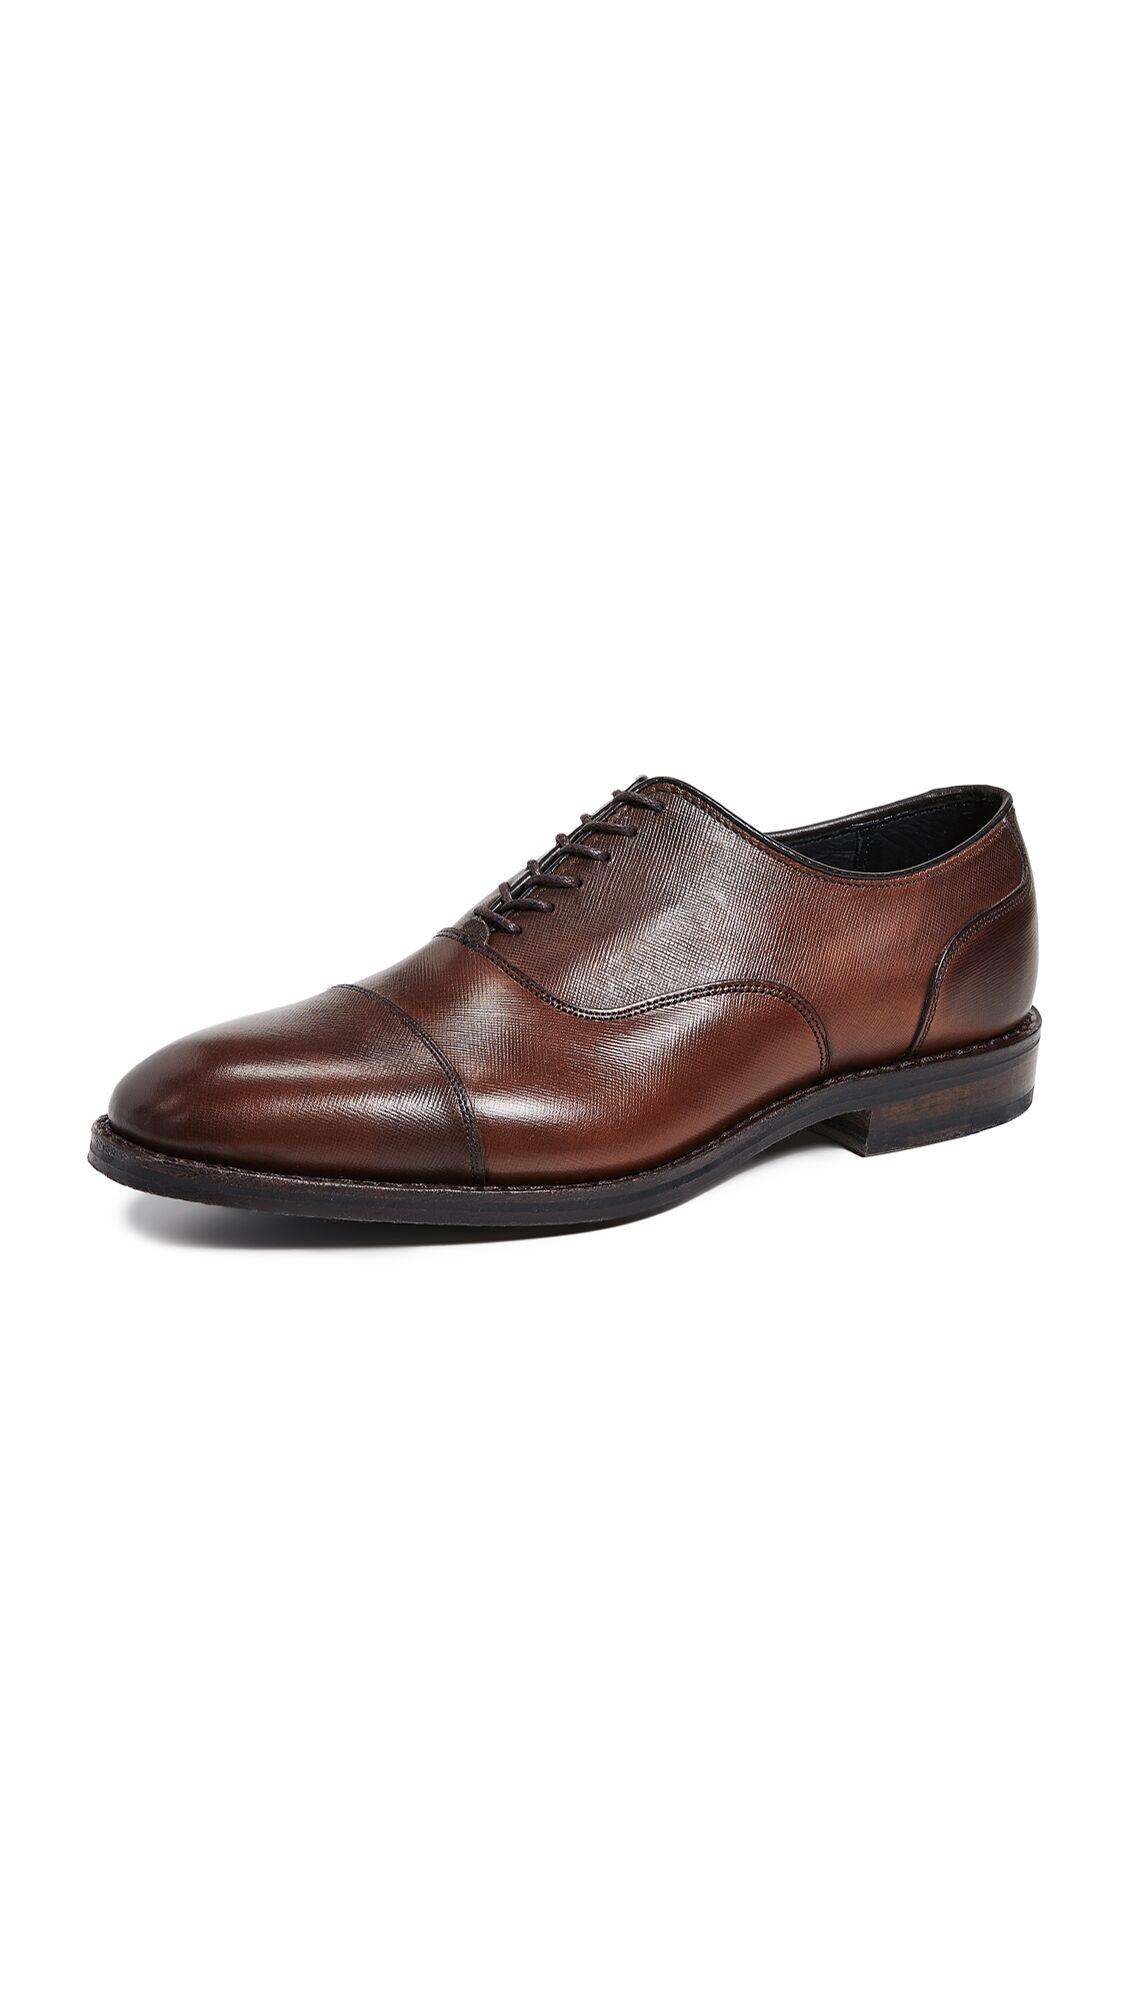 Allen Edmonds Bond Street Cap Toe Shoes - Brown - Size: 8.5